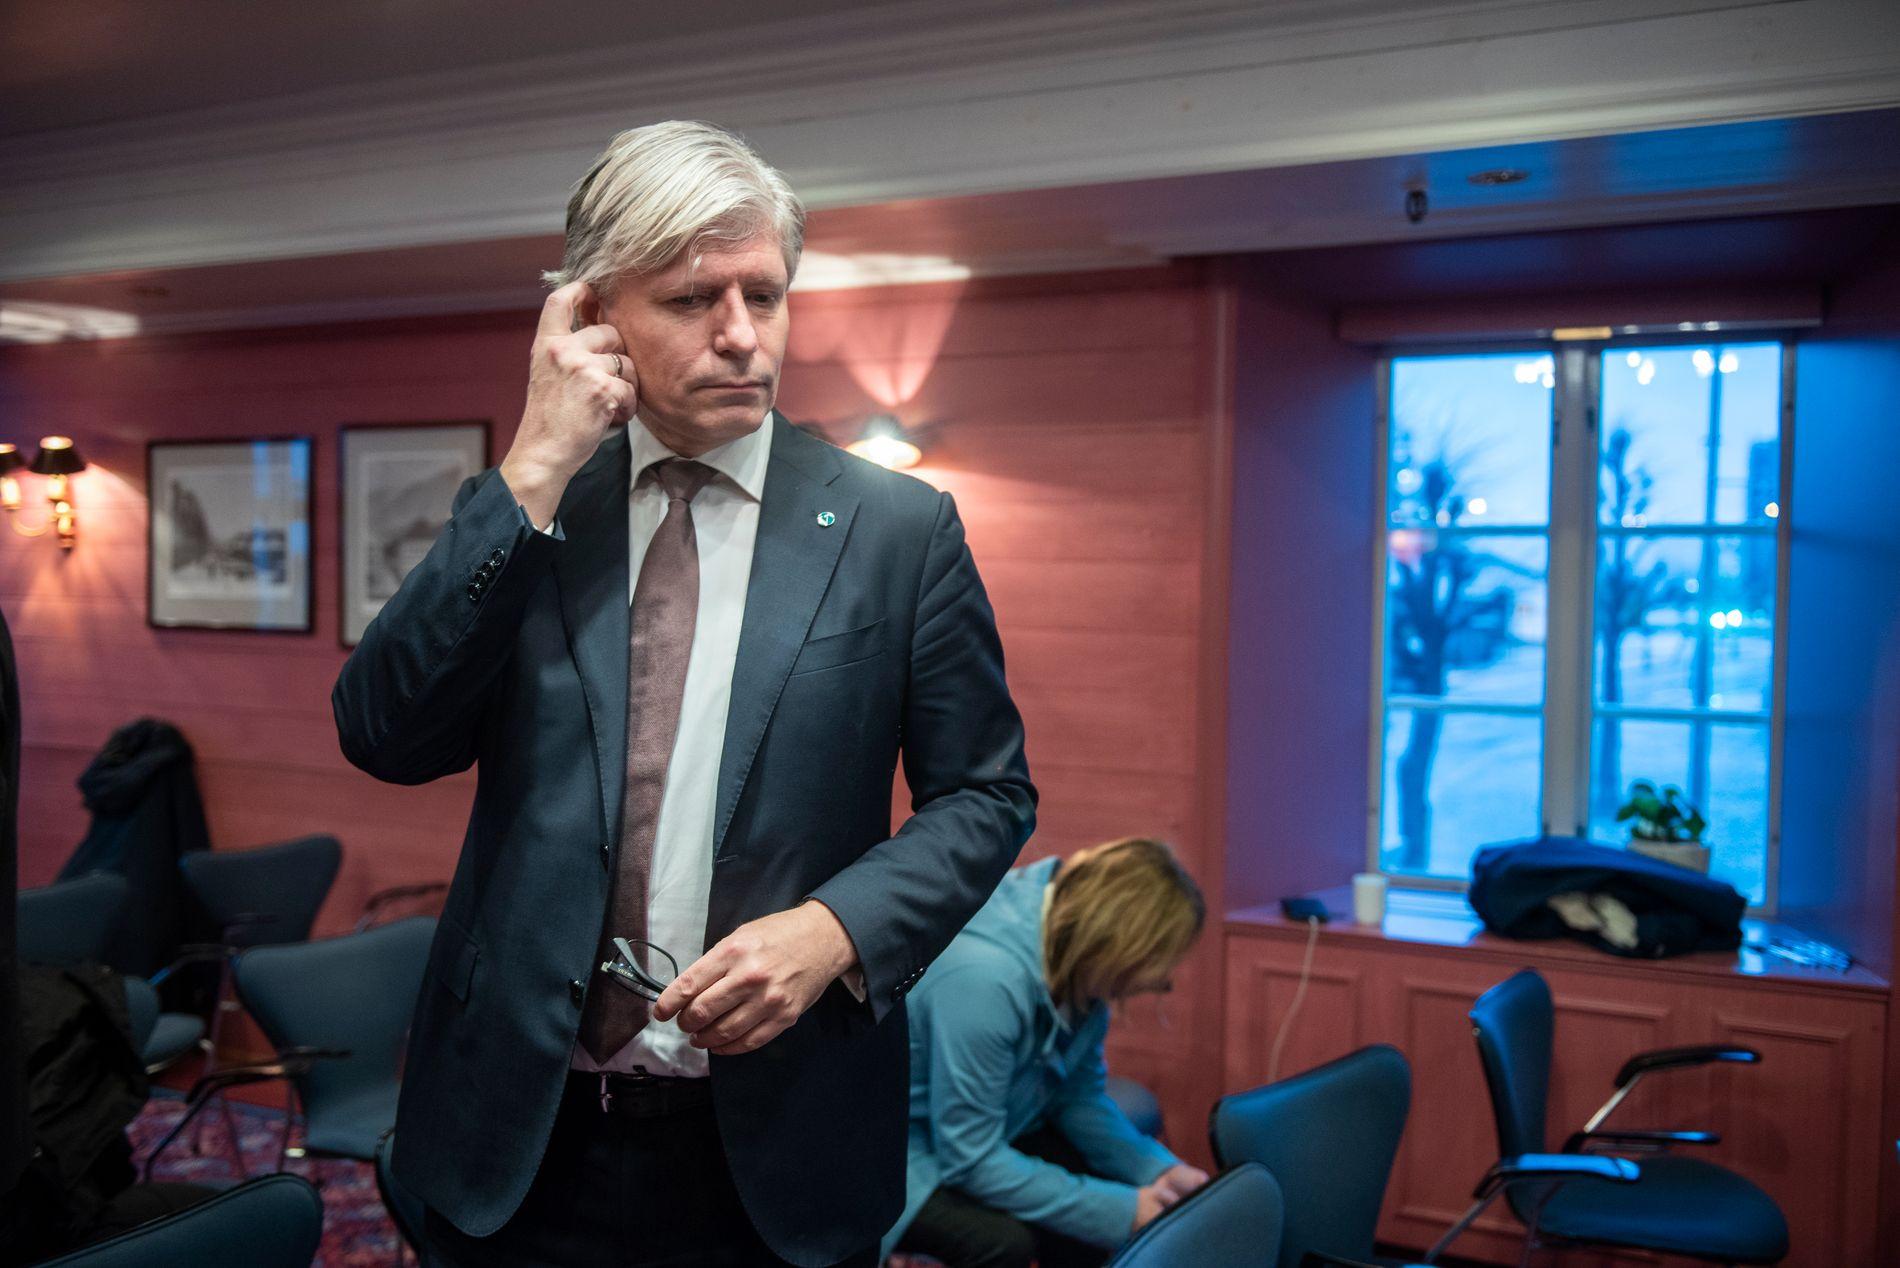 BREMSEKLOSS: Klima- og miljøminister Ola Elvestuen (V) vil sikkert være en positiv pådriver for at verden skal vedta ambisiøse utslippskutt under klimatoppmøte i Polen denne uken. Men det holder ikke å være en pådriver internasjonalt, hvis du er en bremsekloss for klimagassutslipp nasjonalt, skriver Audun Lysbakken (SV).